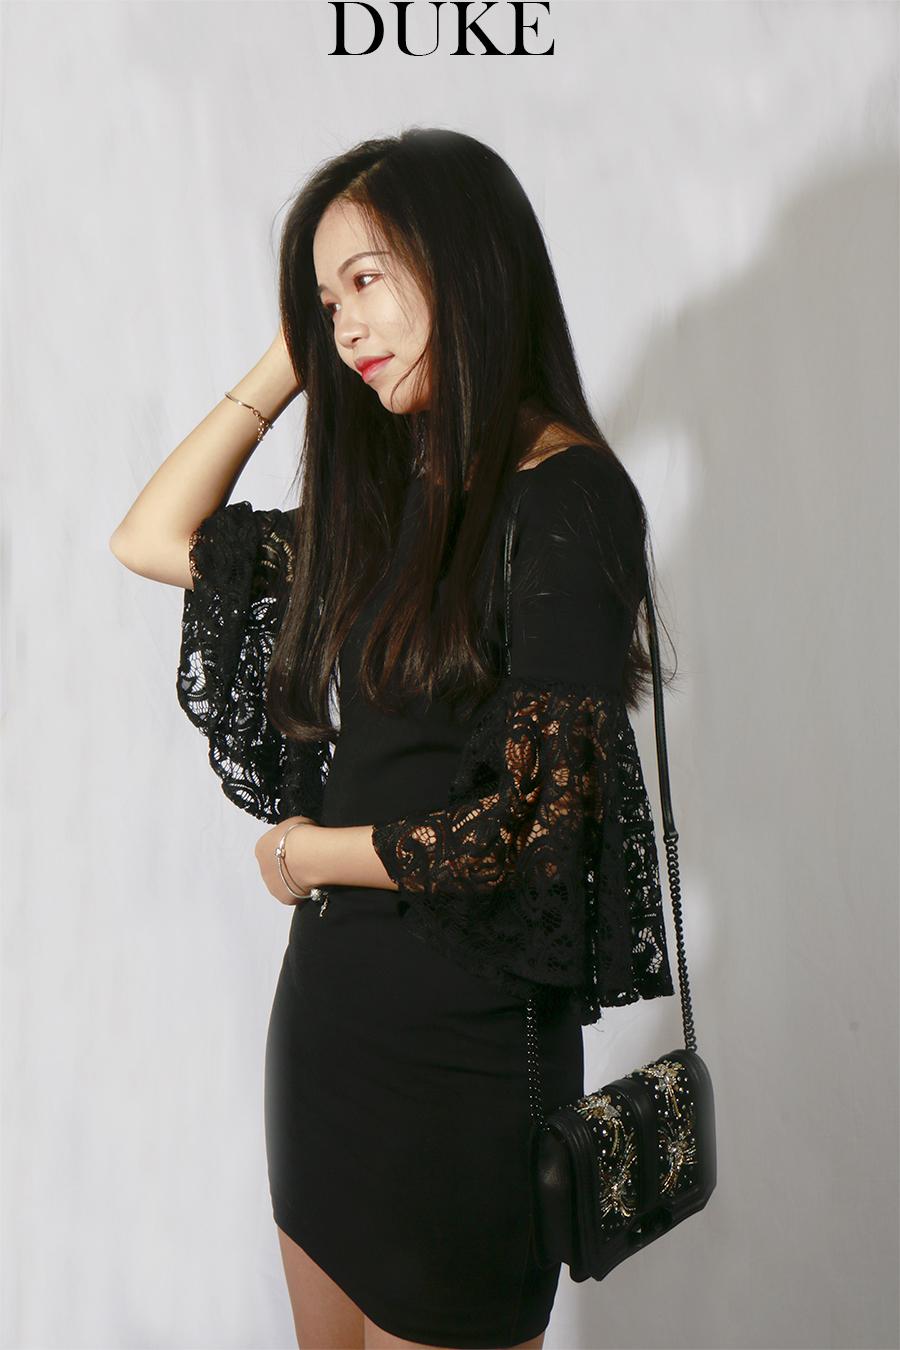 Xiaonan_Chen_fashion_photography_branding_bell_sleeves_DUKE 1